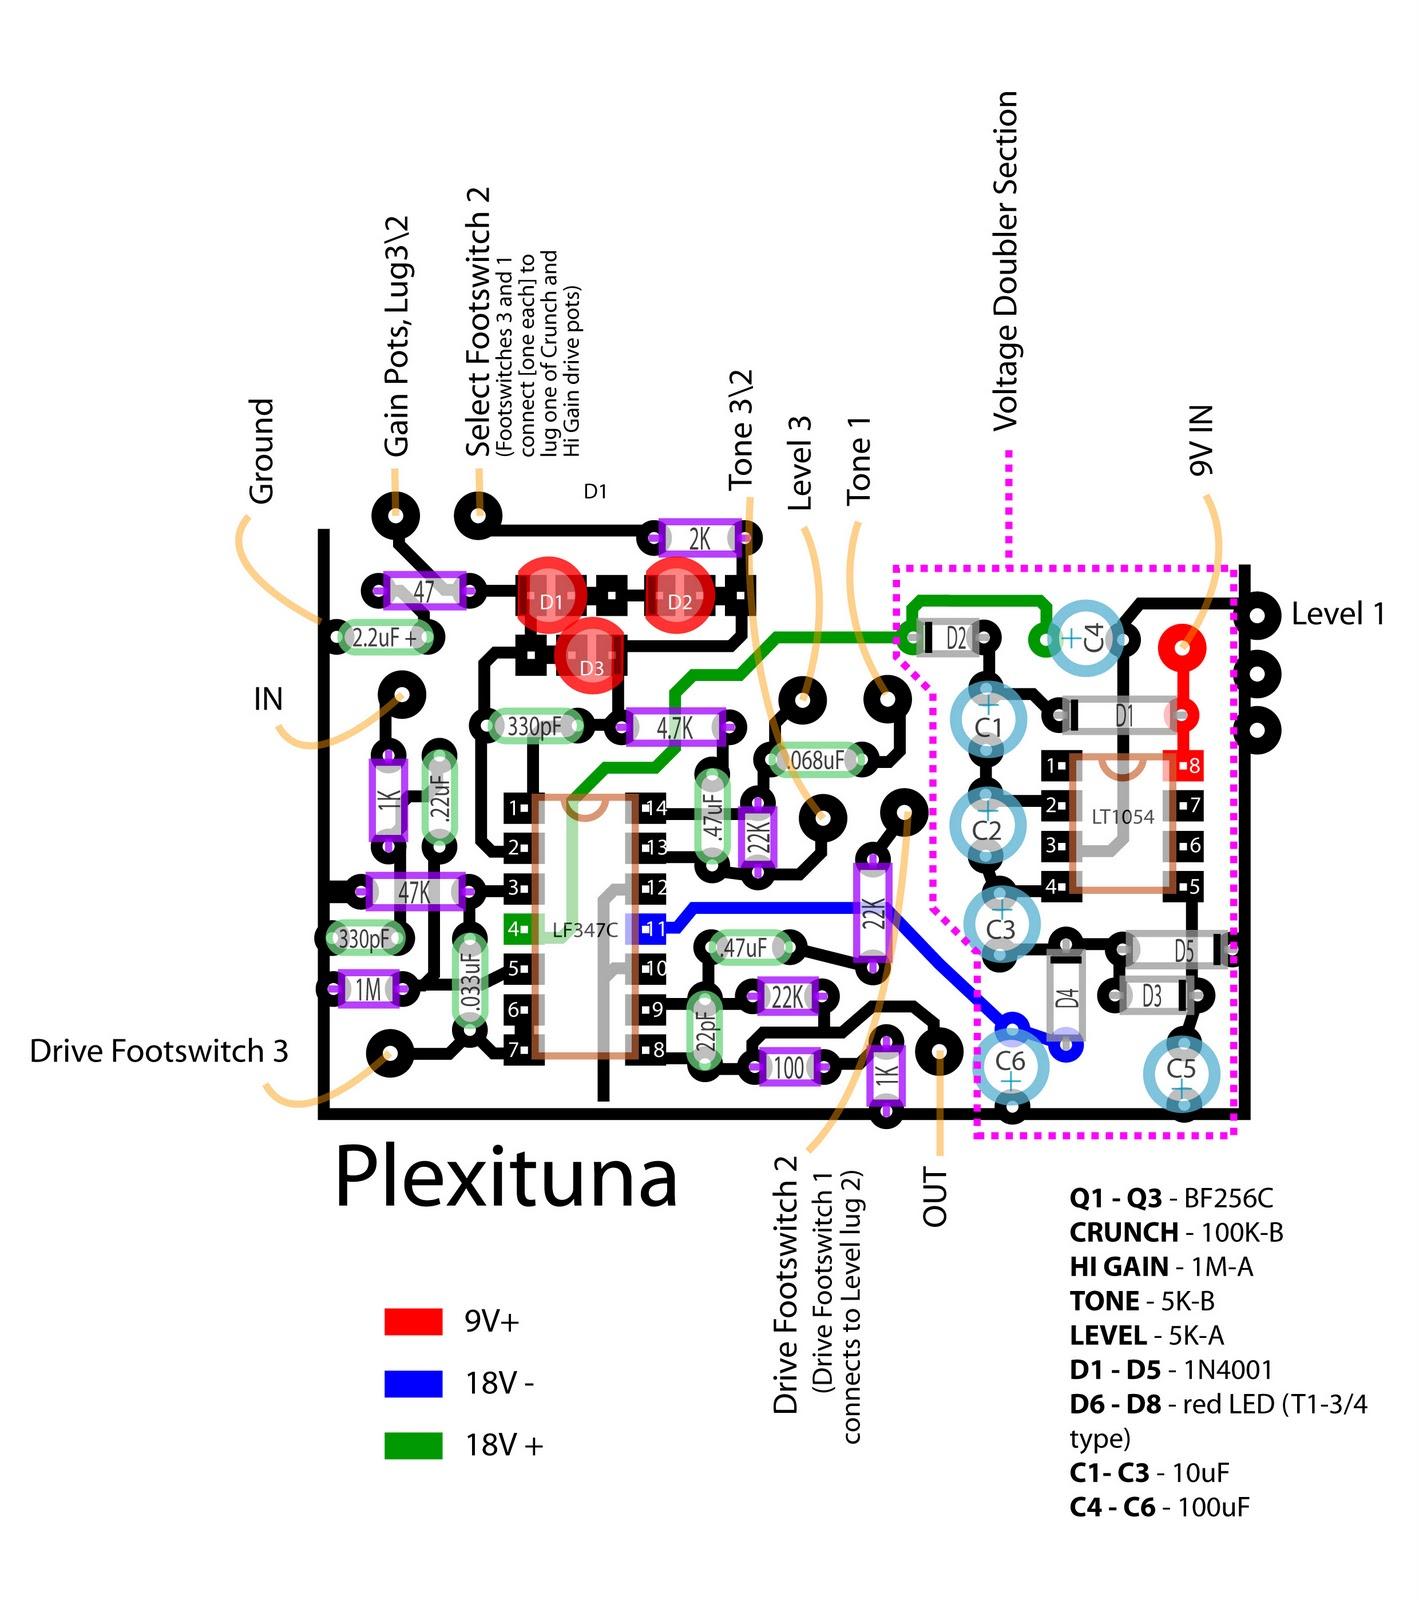 peavey guitar wiring diagram peavey raptor wiring diagram bass guitar wiring precision bass wiring [ 1419 x 1600 Pixel ]